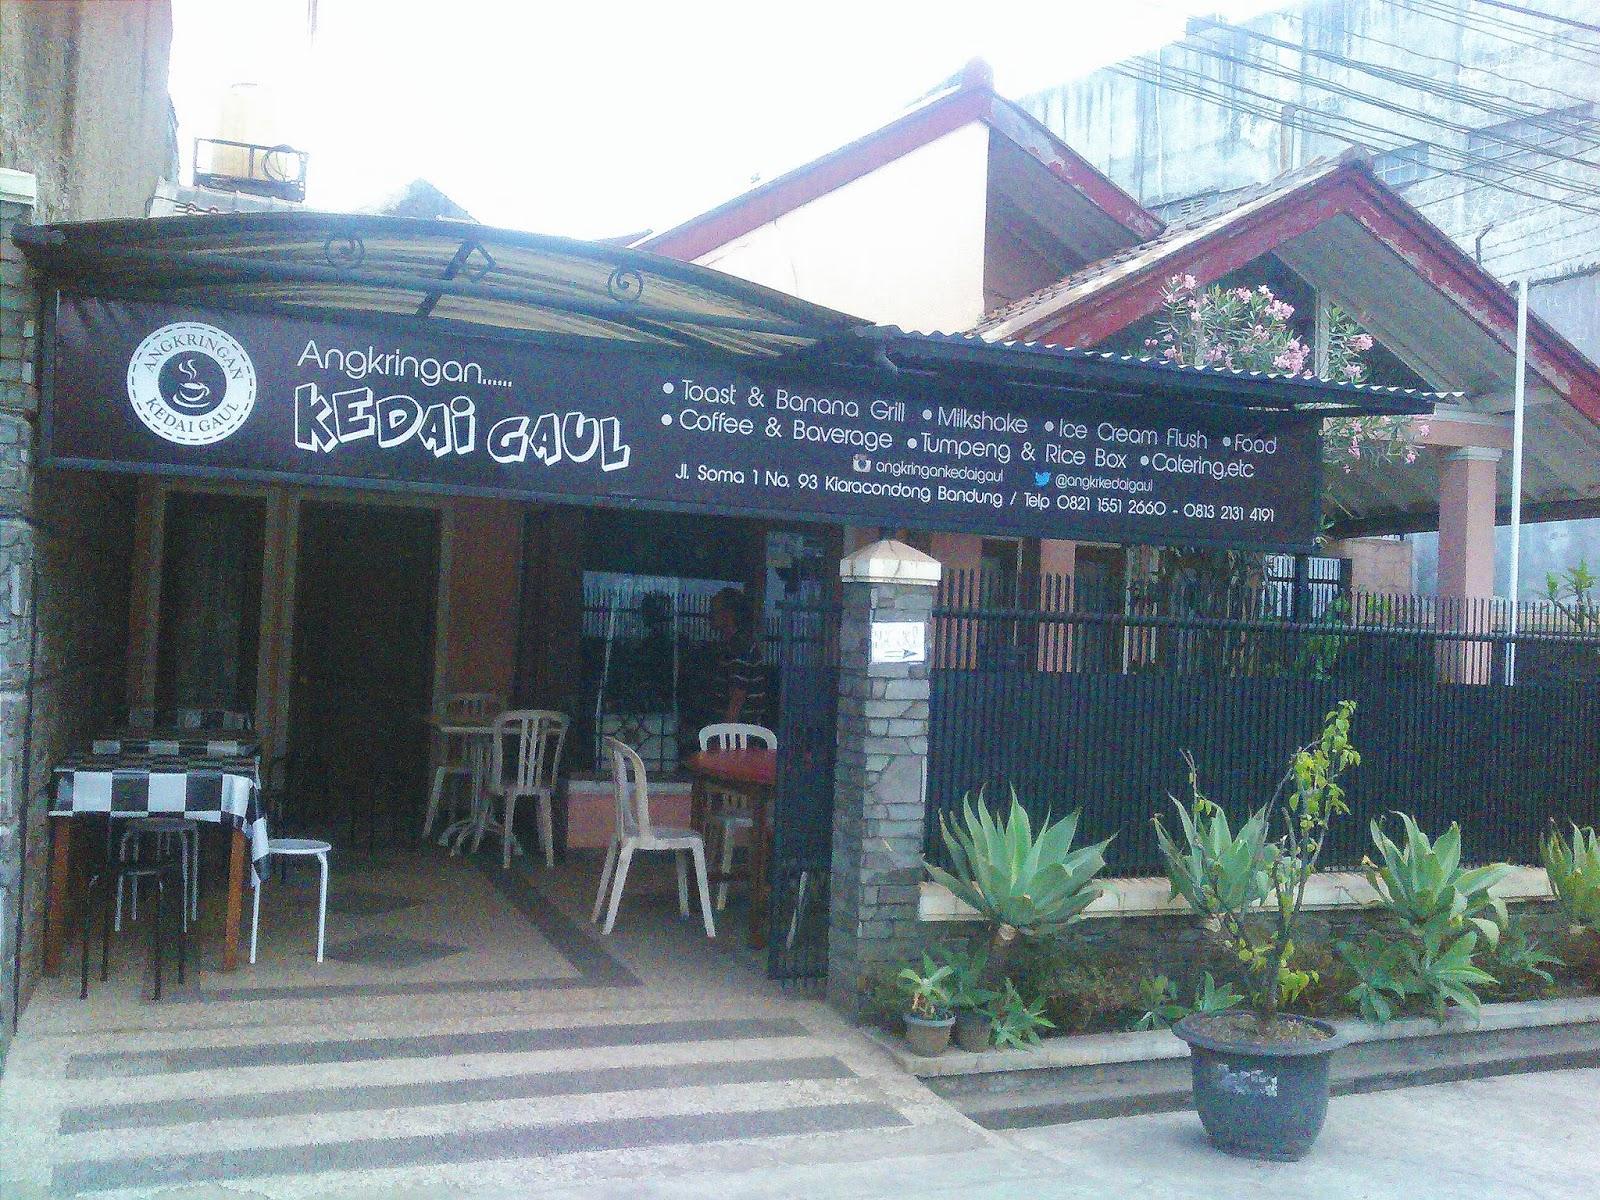 Peluang Bisnis Di Bandung Terbaru Peluang Bisnis Menjanjikan Kedai Gaul Di Bandung